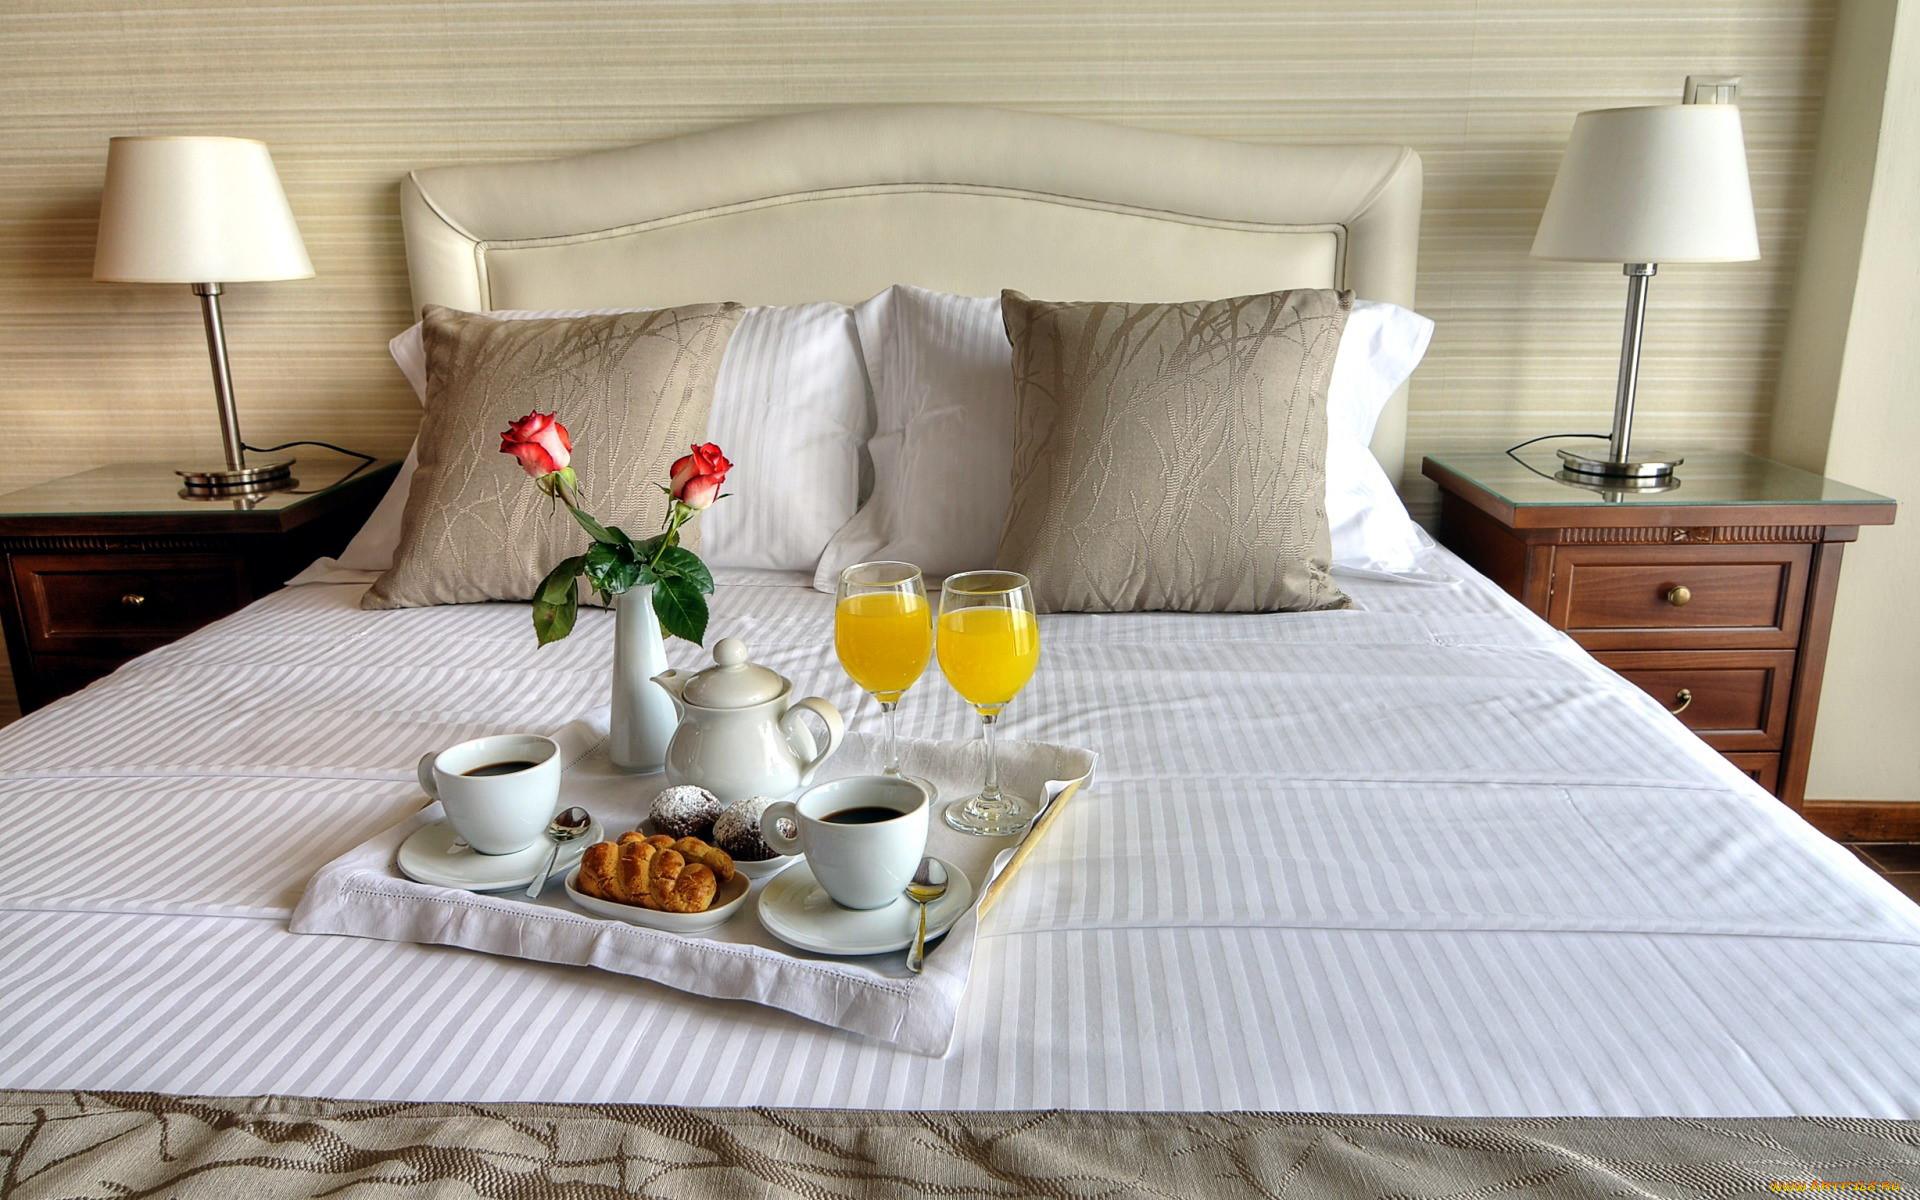 троллинга красивые фото в кровати отеля окончания школы николай